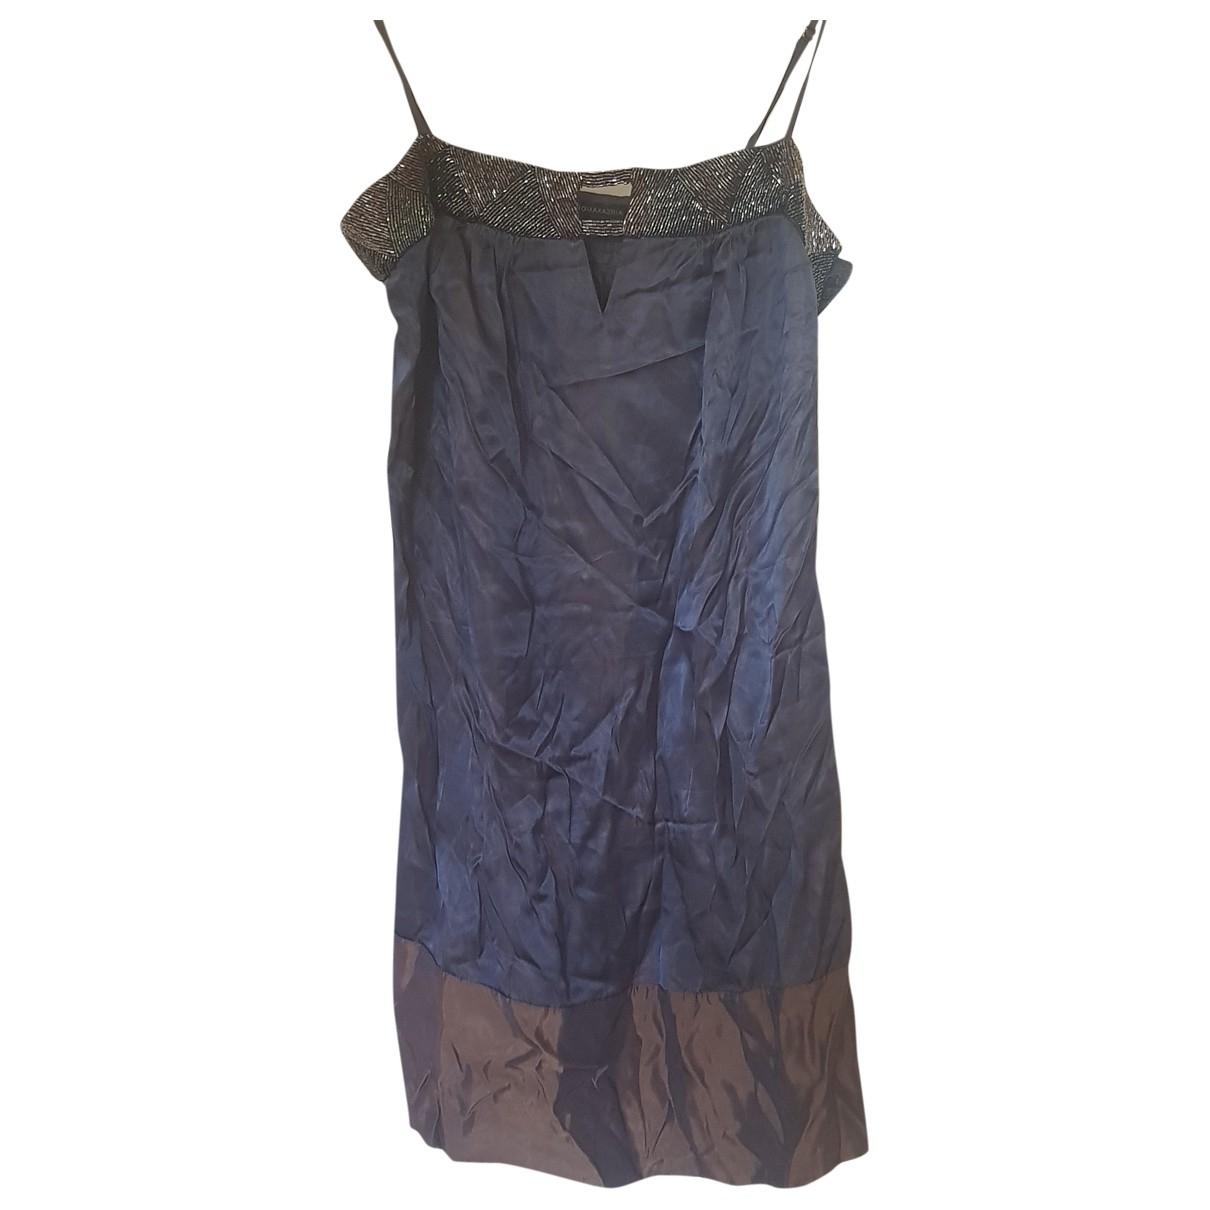 Bcbg Max Azria - Robe   pour femme - multicolore